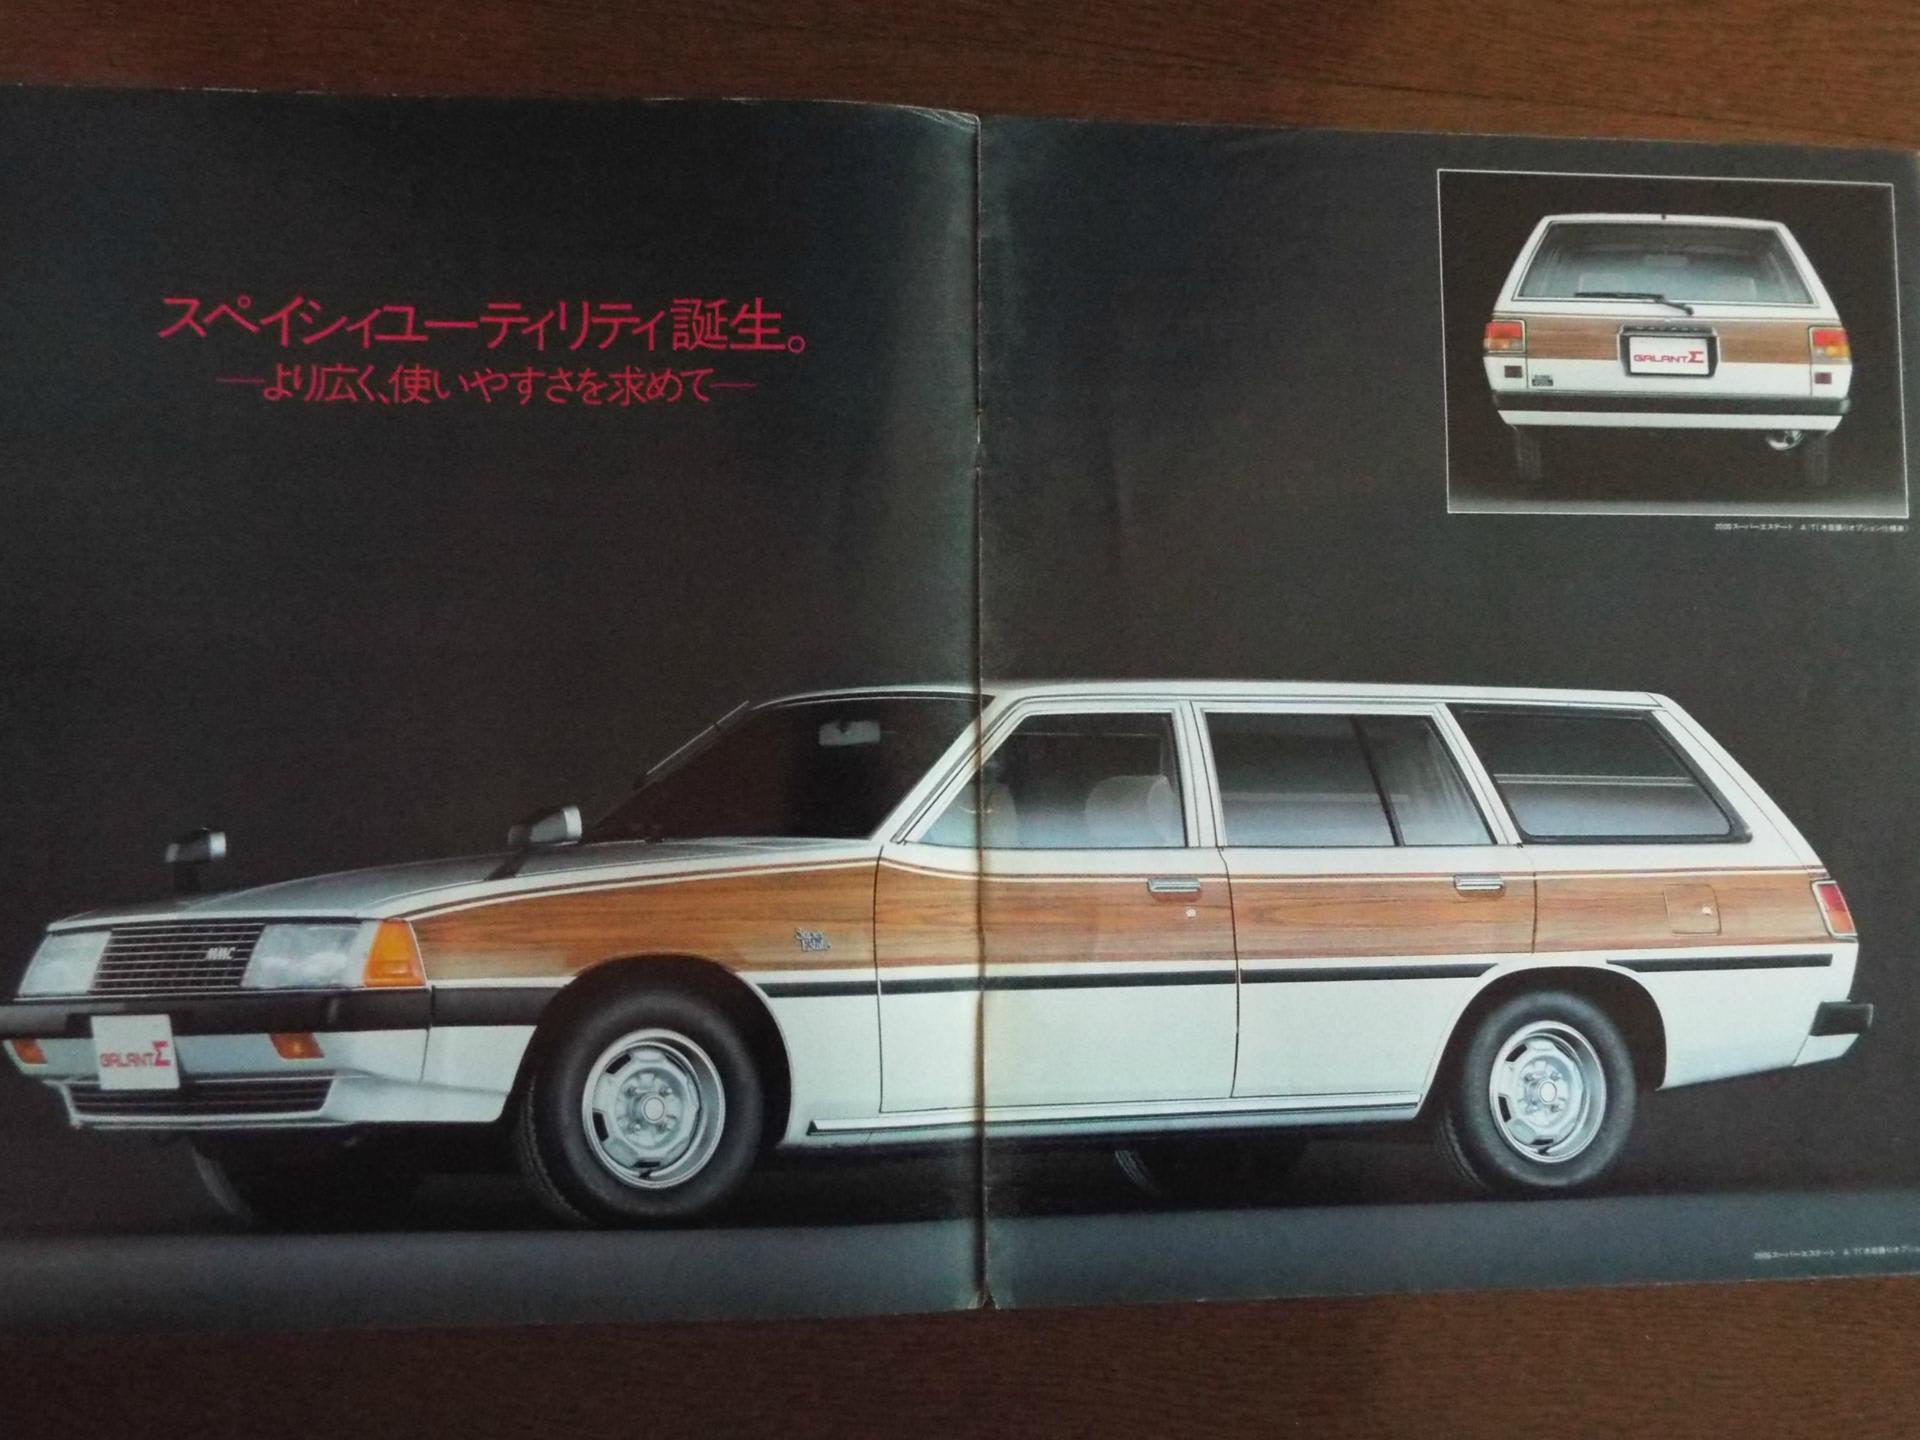 三菱・ギャランの画像 p1_39